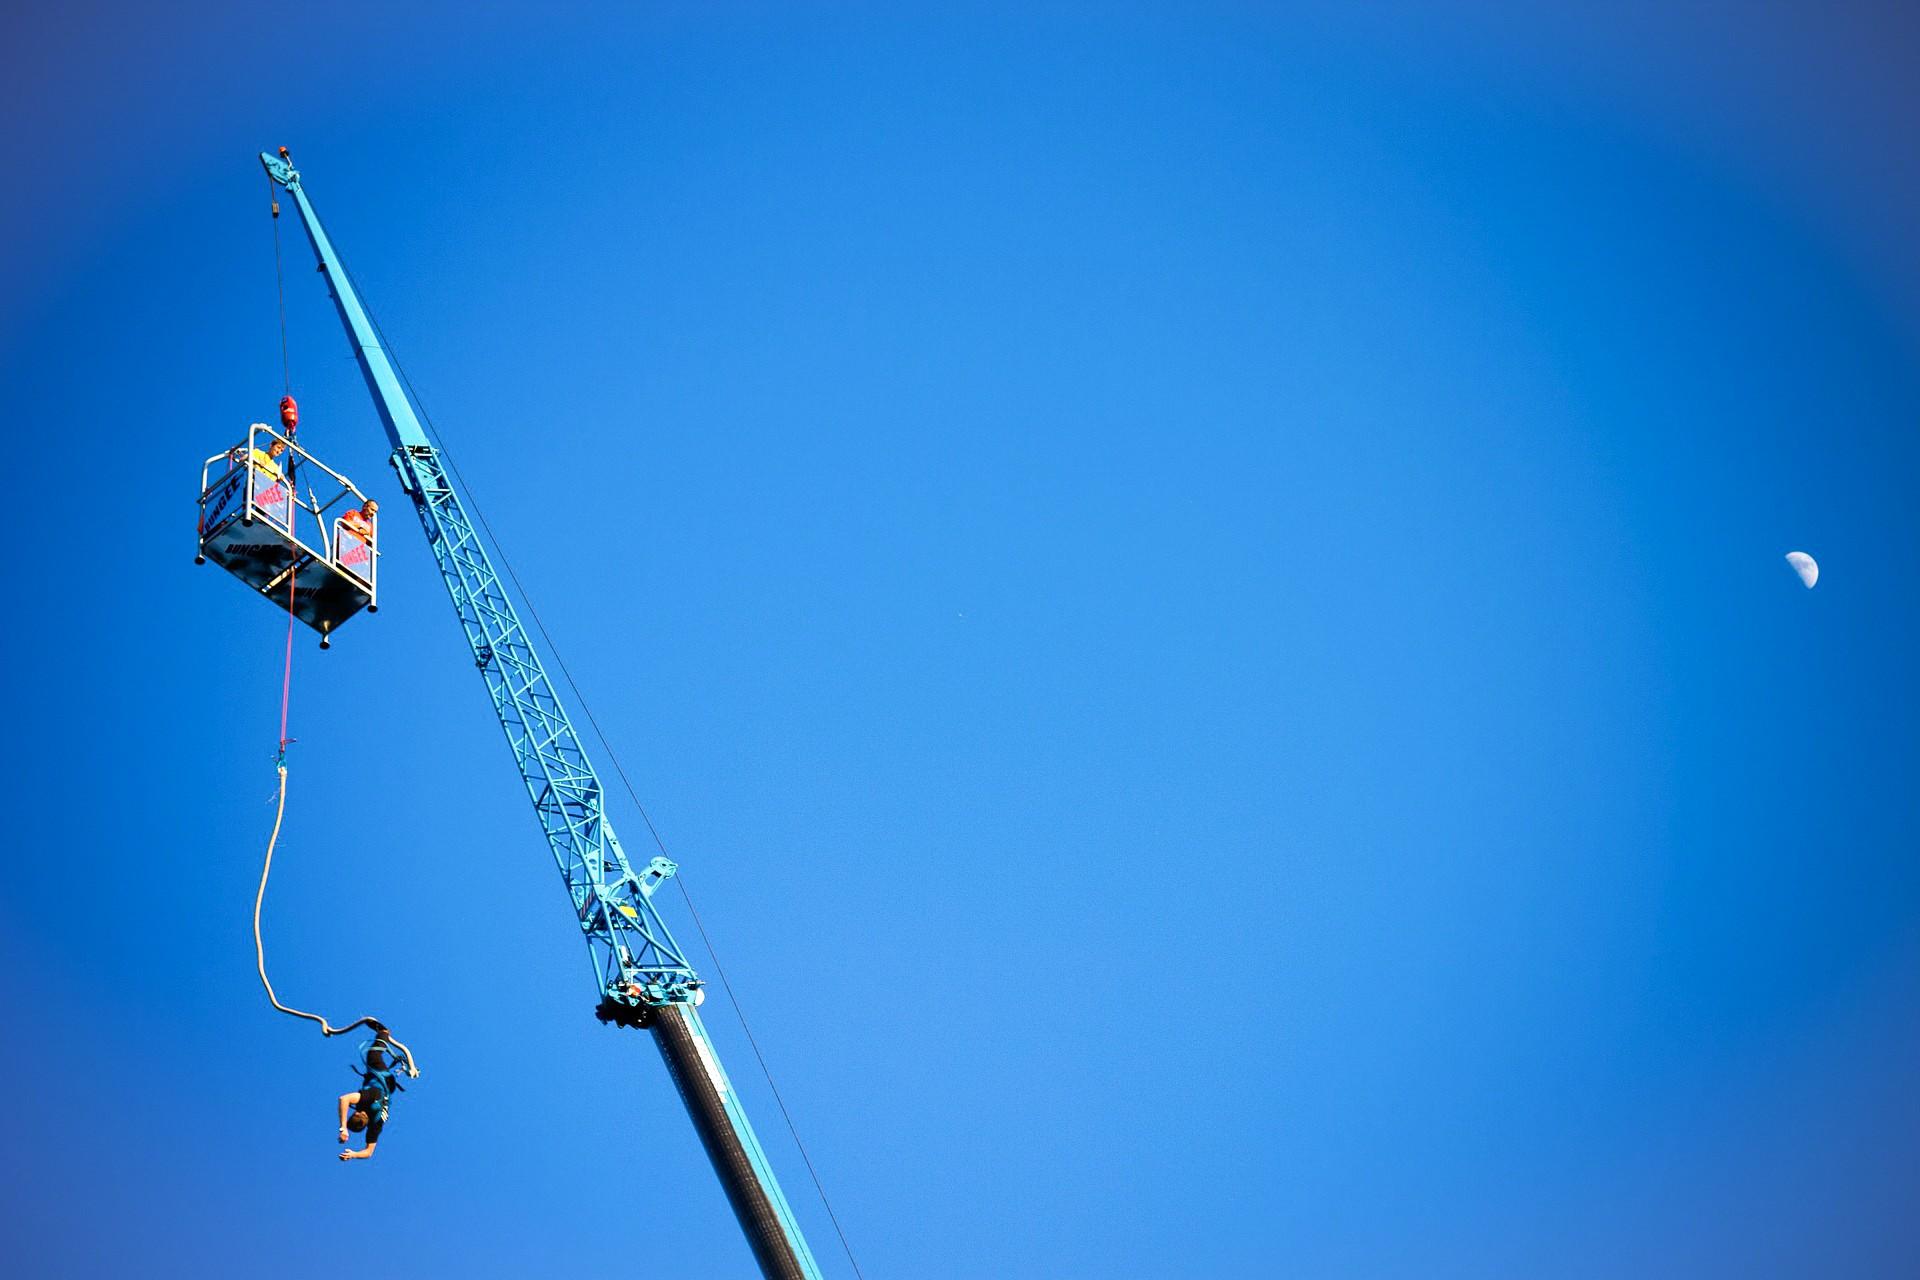 Crane bungee jump jumping sky adrenaline adventure sports England UK travel goals